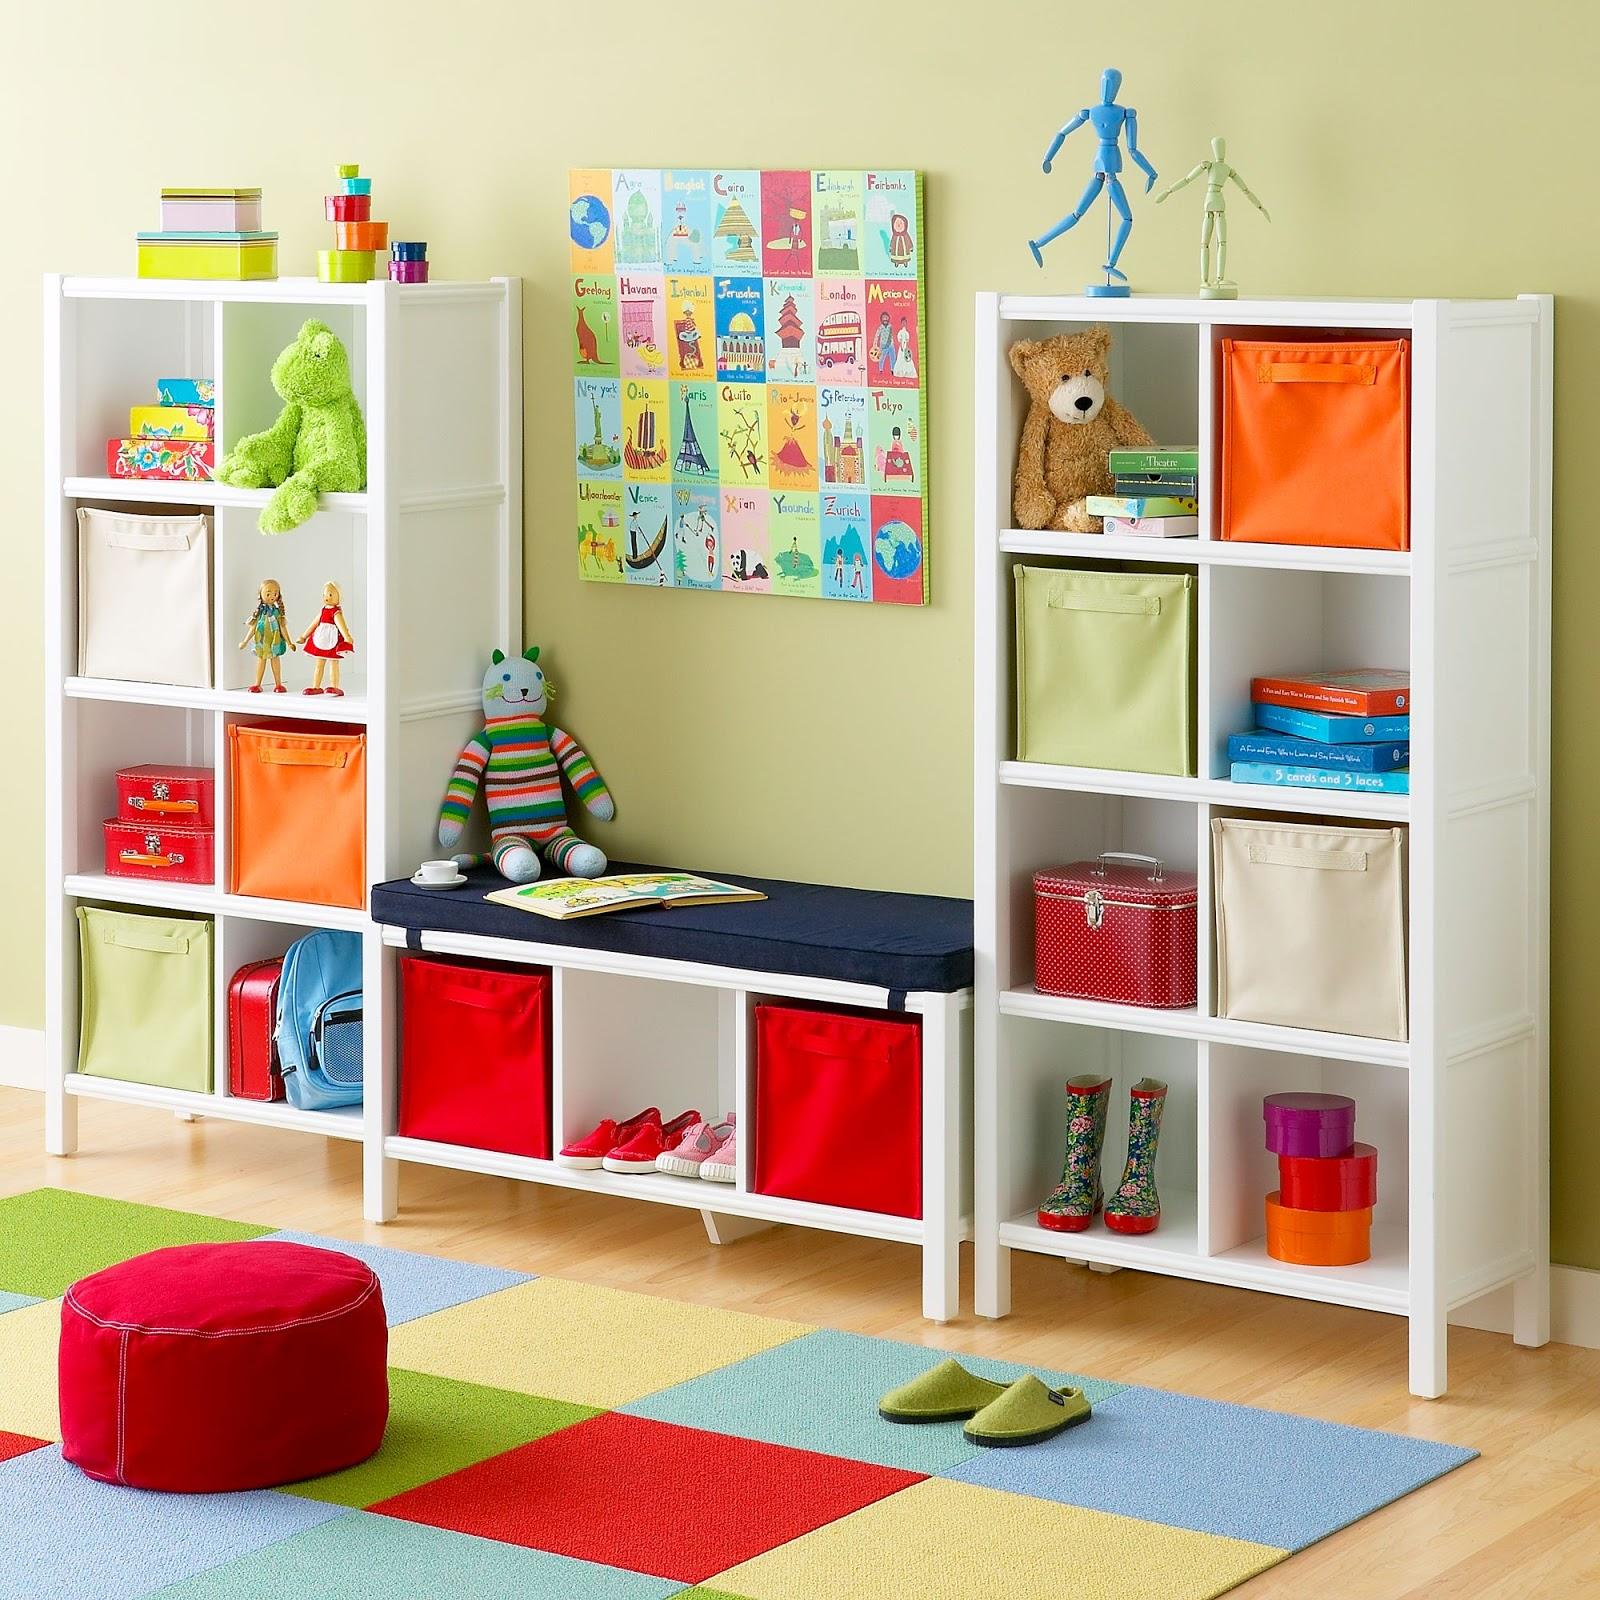 Kids bedroom storage space09